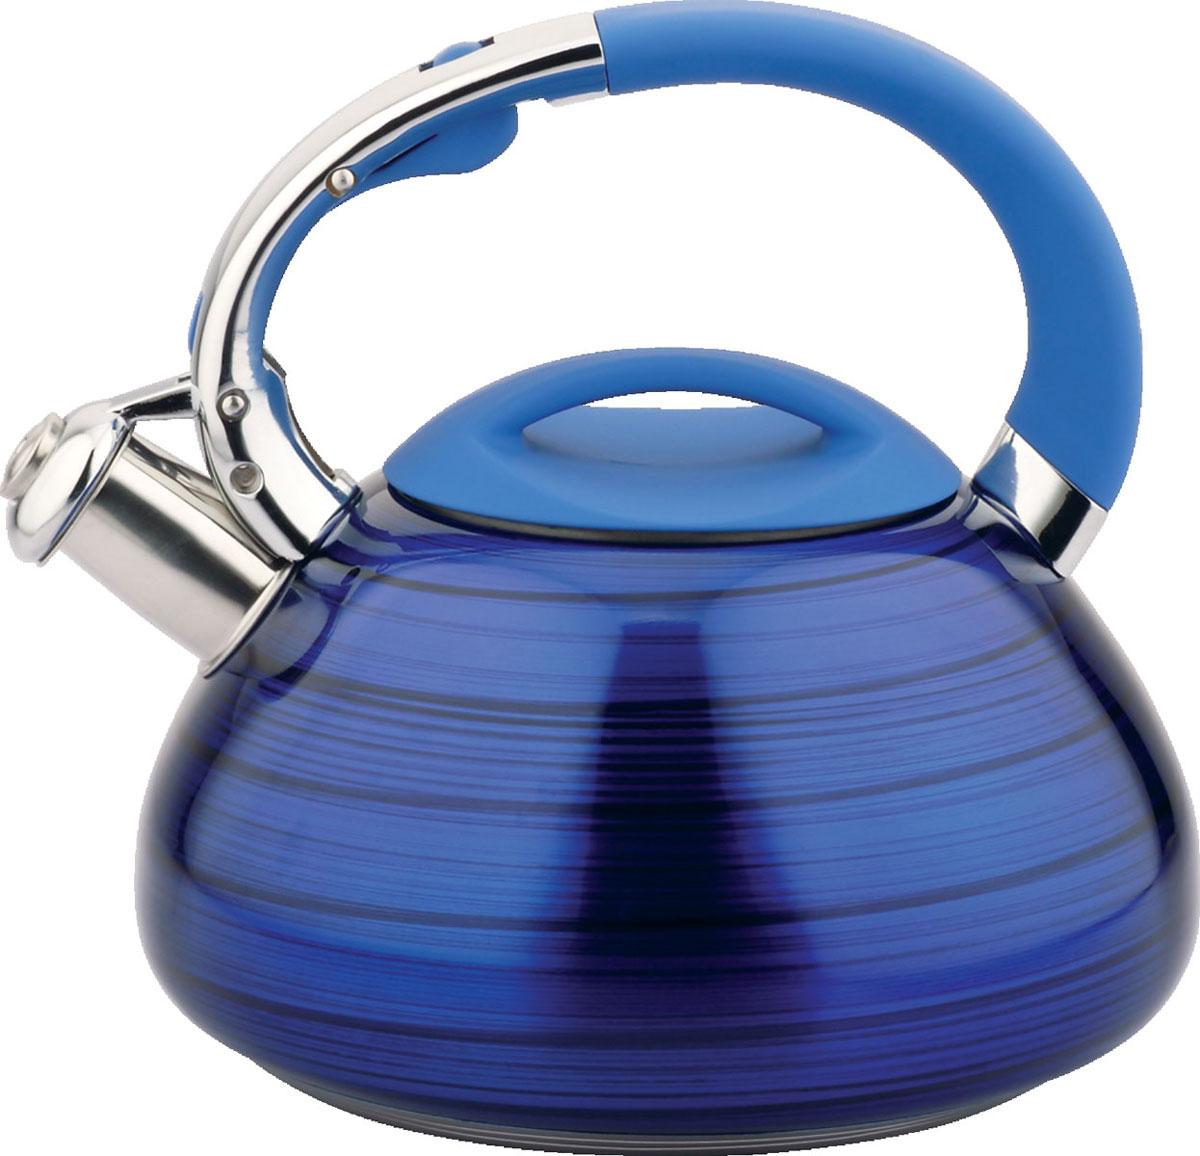 Чайник Bayerhoff, со свистком, цвет: синий металлик, 3 л. BH-421BH-421Материал: высококачественная нержавеющая сталь. Объем: 3 л. Клапан открывается кнопкой на ручке. Эргономичная ручка не нагревается и не скользит. Подходит для всех типов плит.